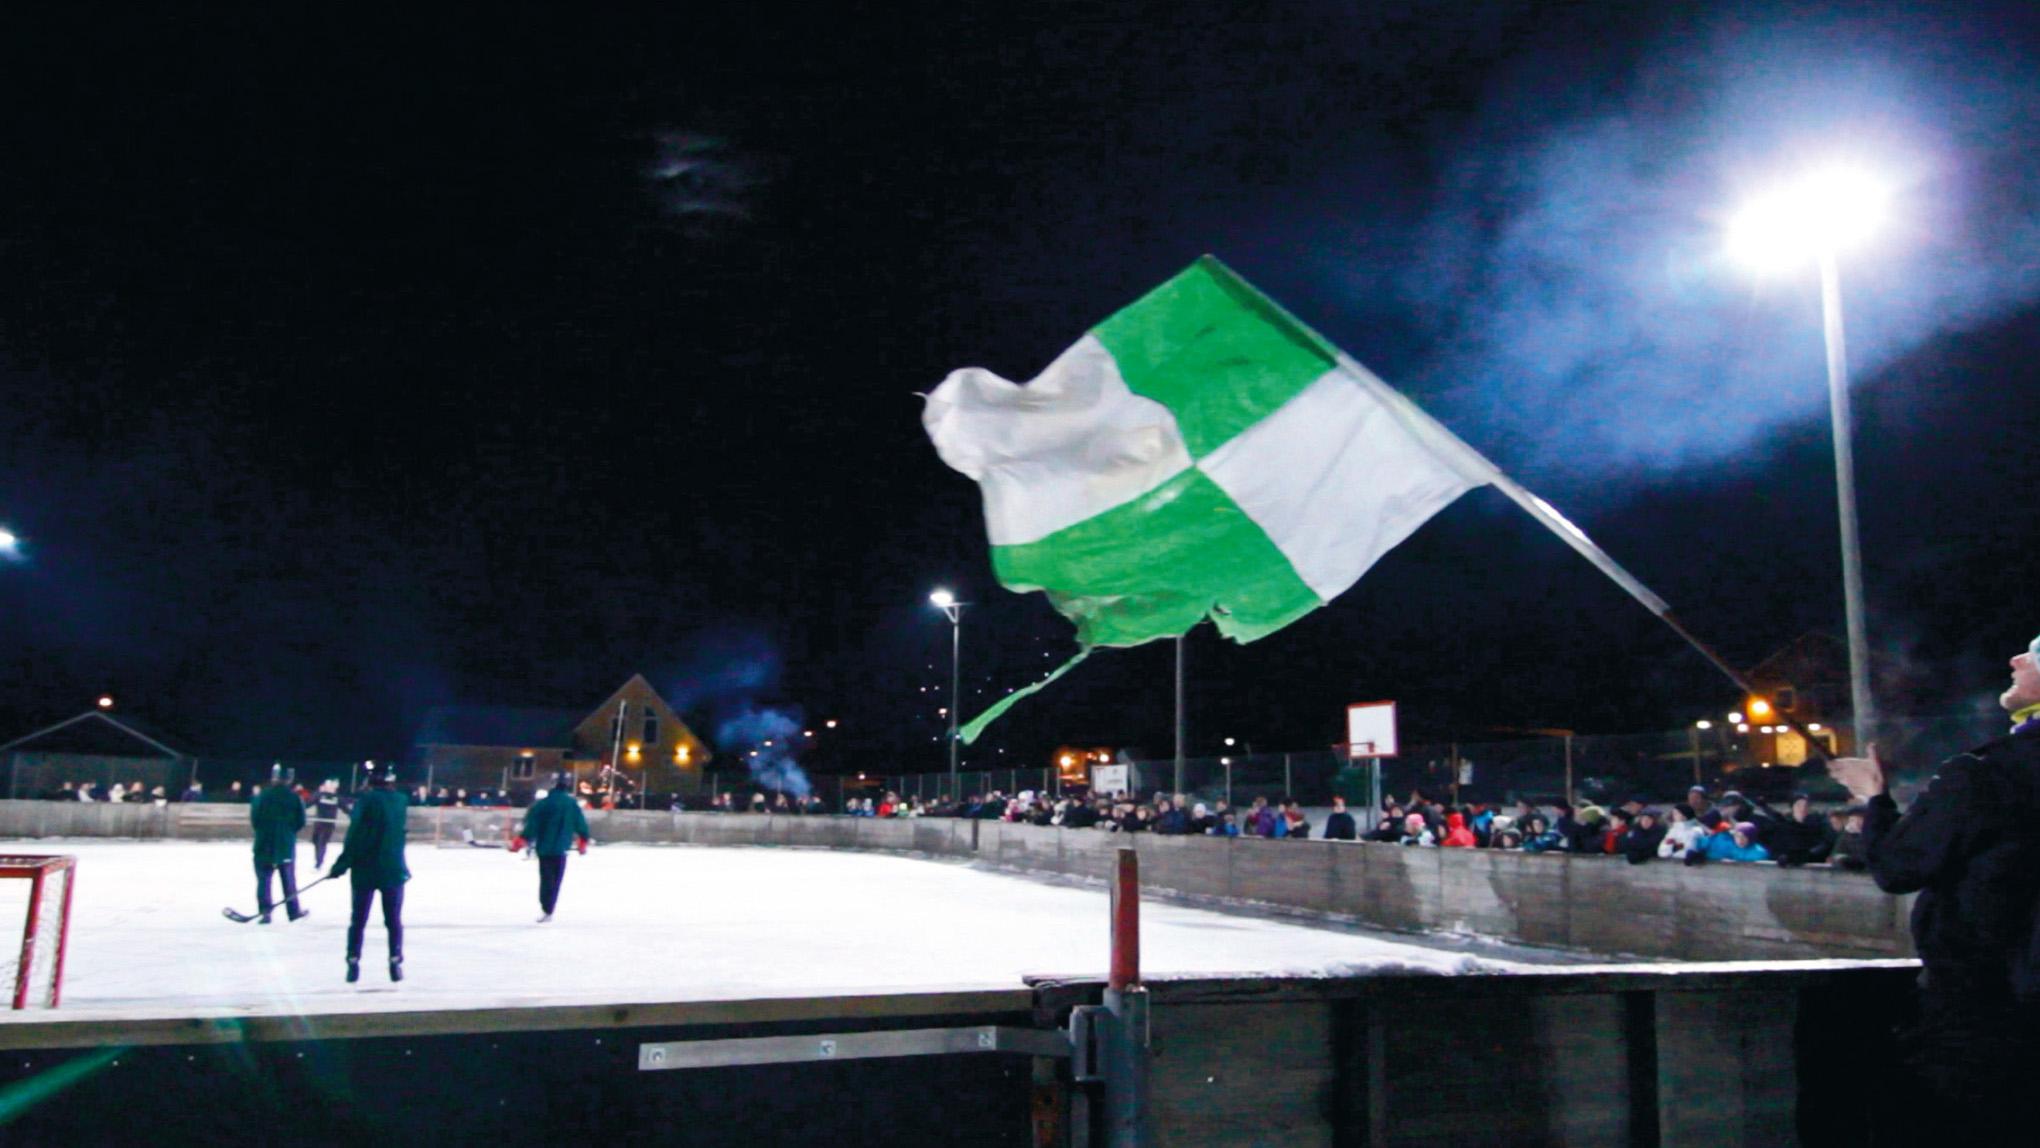 En gång om året möts grannbyarna Brösarp och Maglehem i en uppgörelse på isen. Hockeyderbyt är vinterns folkfest. Foto: Daniel Ekberg